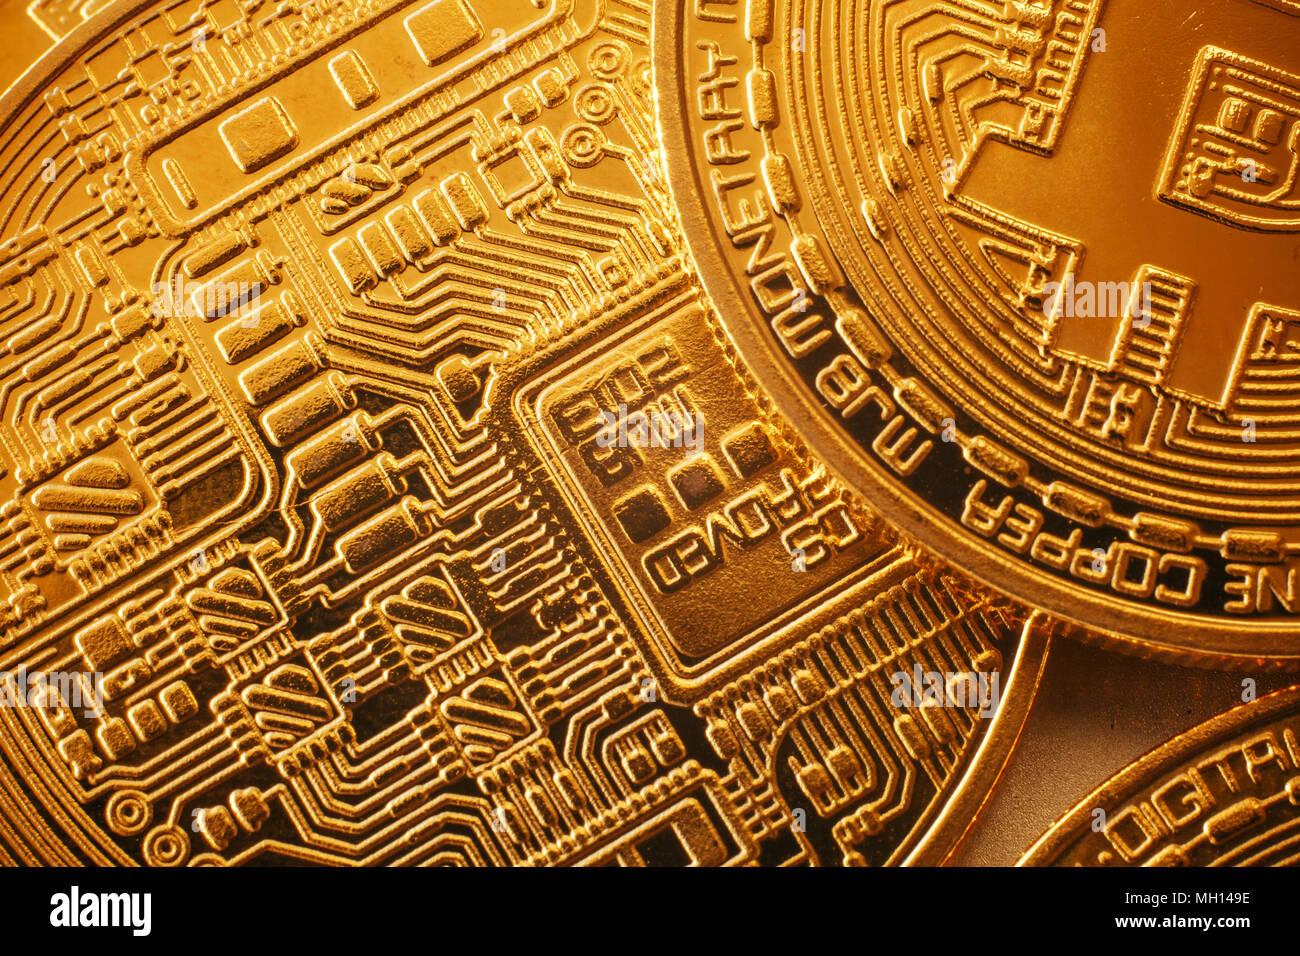 shilling coin crypto